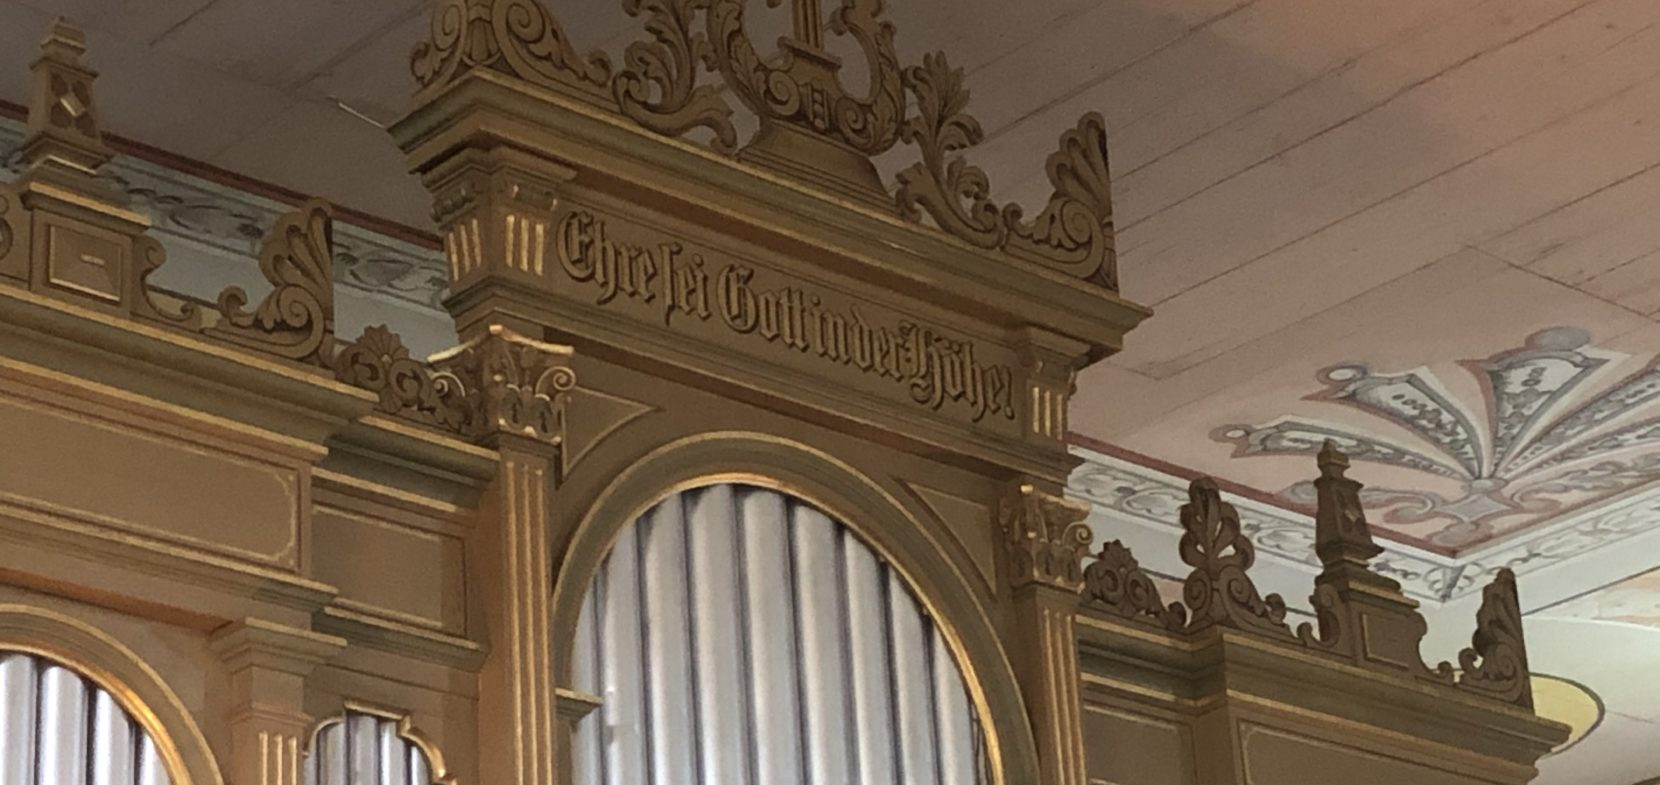 B-Kirchenmusikstelle 6220 Löbau-Zittau (KBZ) 2